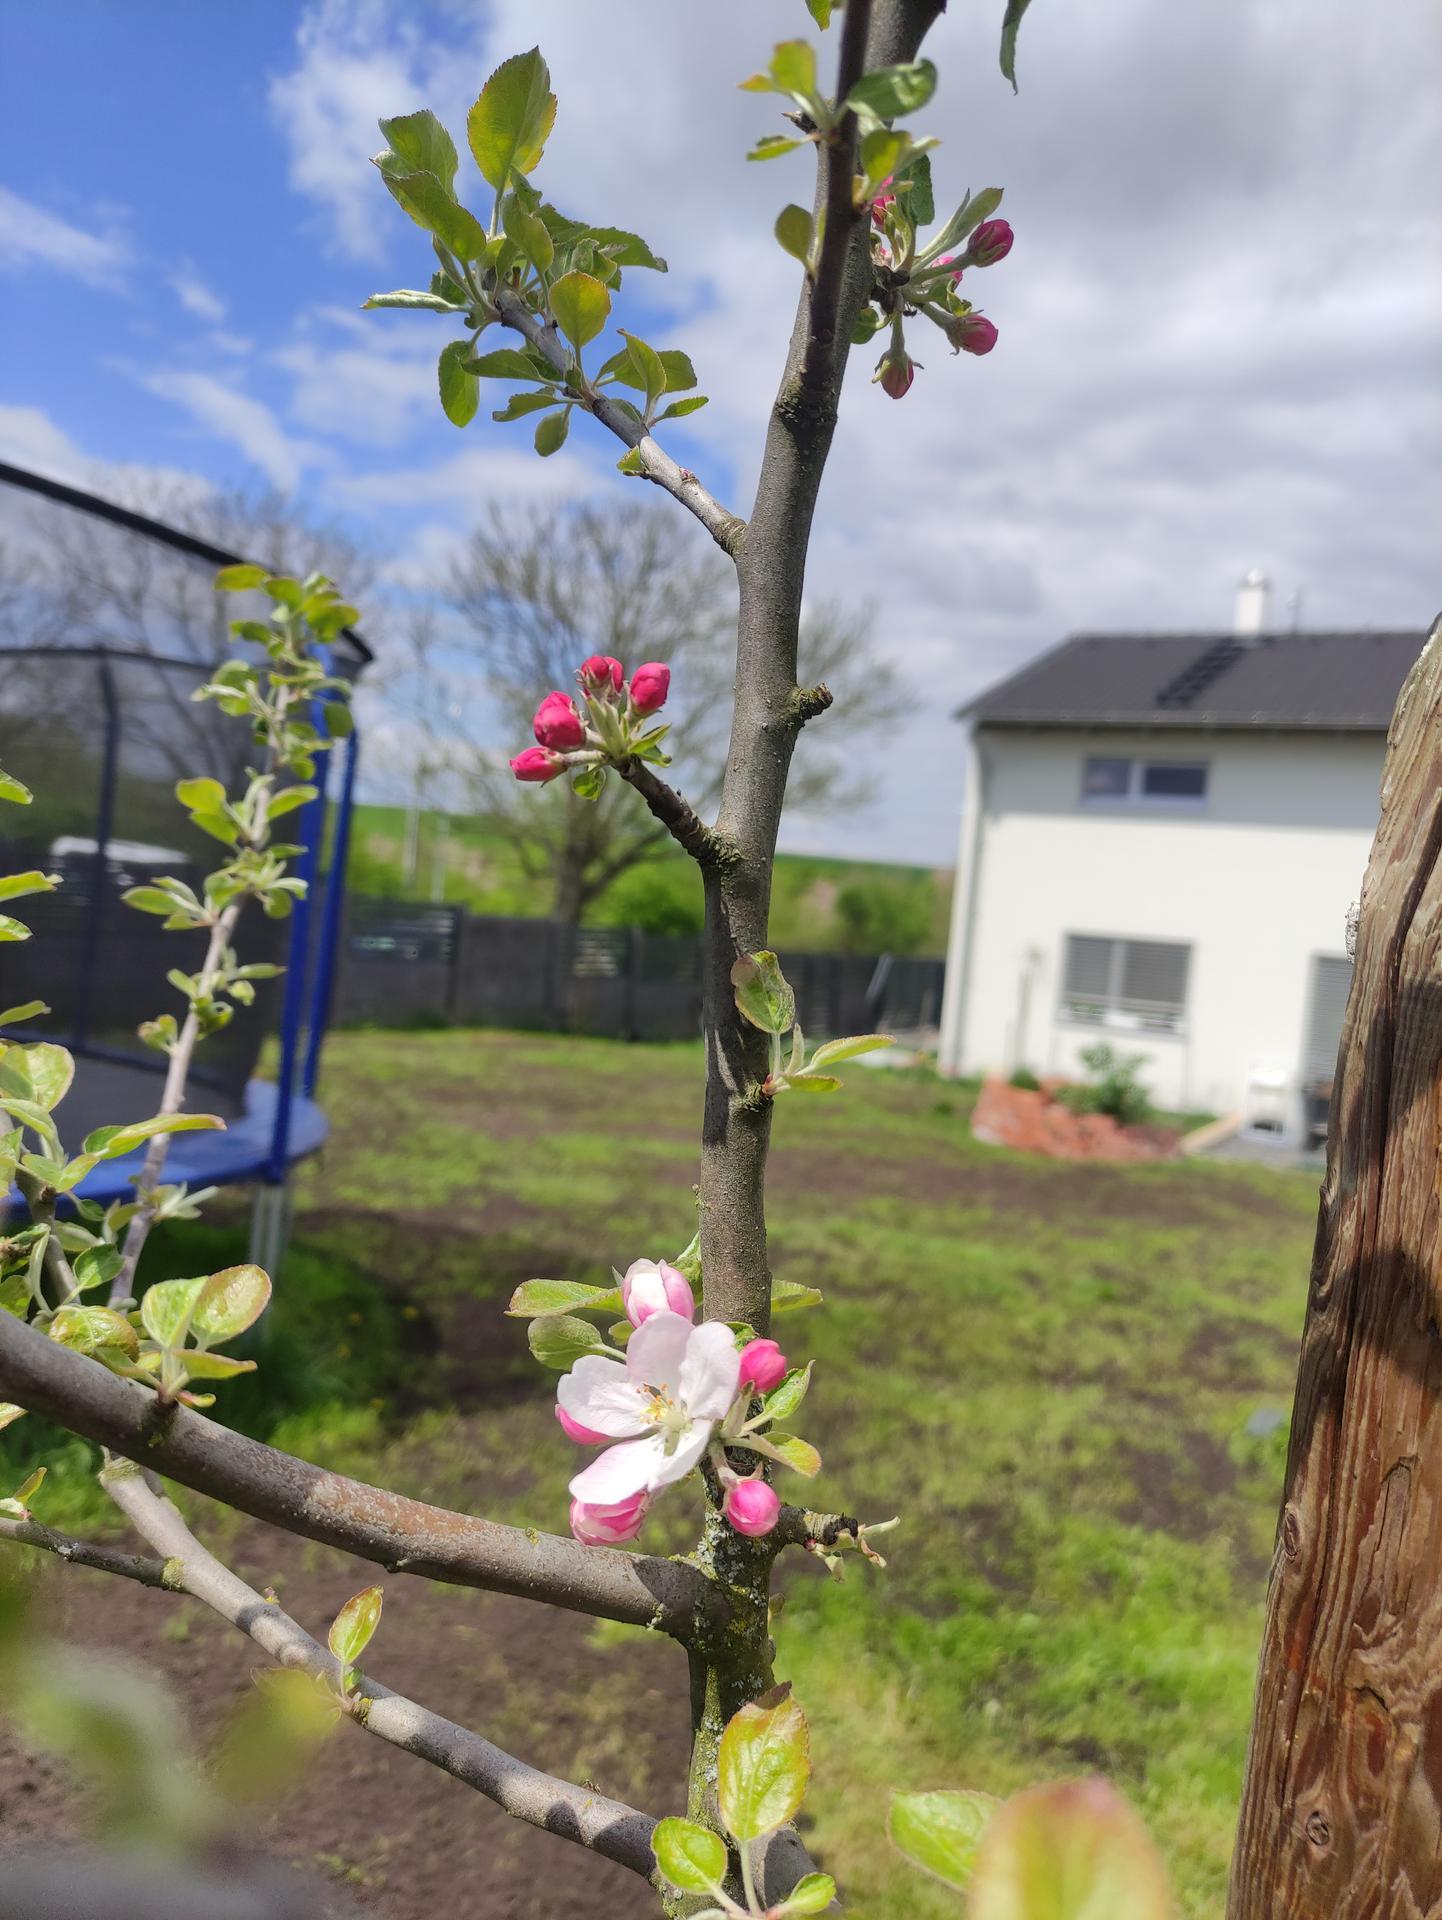 Malý dnes přispěl svou troškou do mlýna (spal 2 hodiny) a můžu říct, že máme HOTOVO. Teď se jen modlit k Bohu trávy, aby tráva vyrostla. 😅 A jako bonus kvete jablůňka, vloni dva květy, dvě pidijablicka, letos je květů 7. 🤗 - Obrázek č. 2